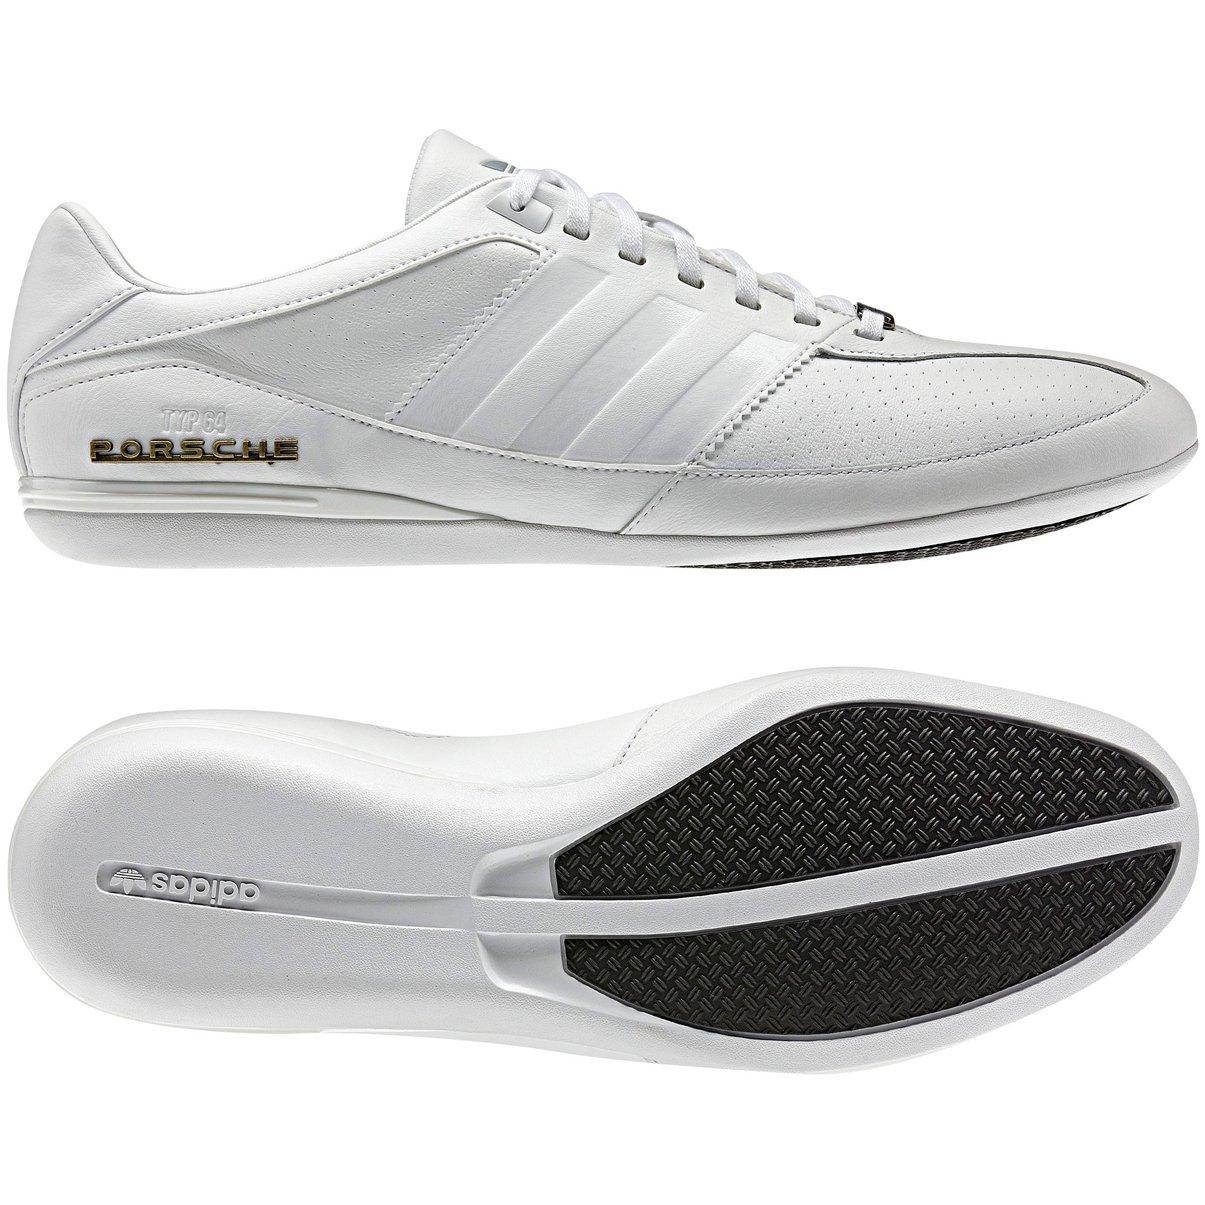 Hermosas zapatillas para lucirhttps://amzn.to/2P2AK9O